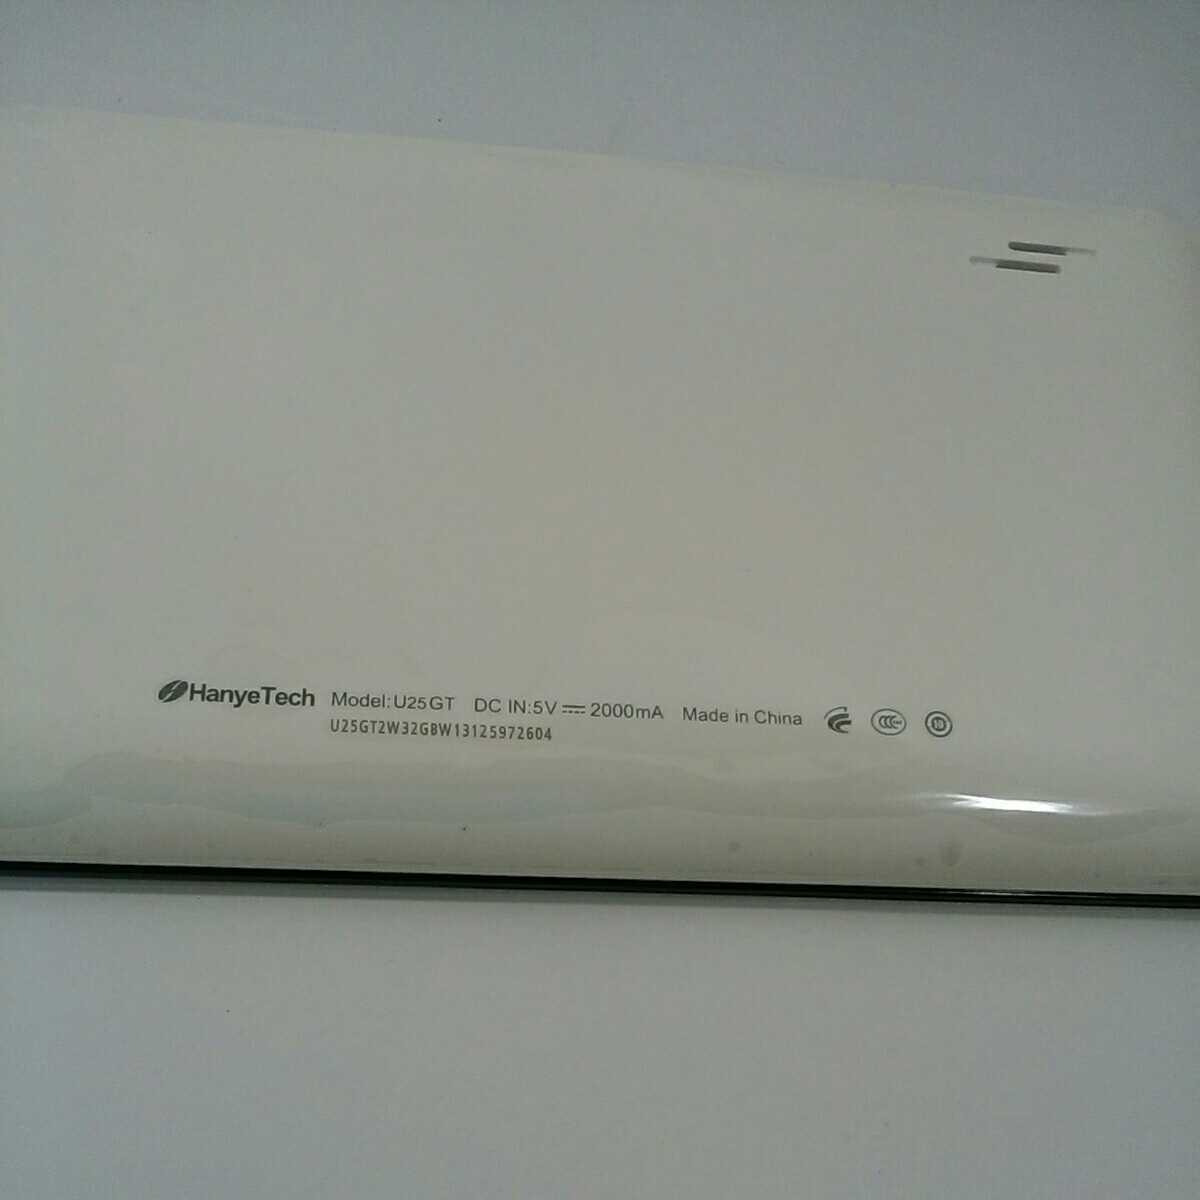 #J-17☆未使用品☆HanyeTechタブレット端末☆縦11.5cm横19cm 8インチ液晶画面 型番U25GTAndroid4.1.1 容量1Gブラック_画像3